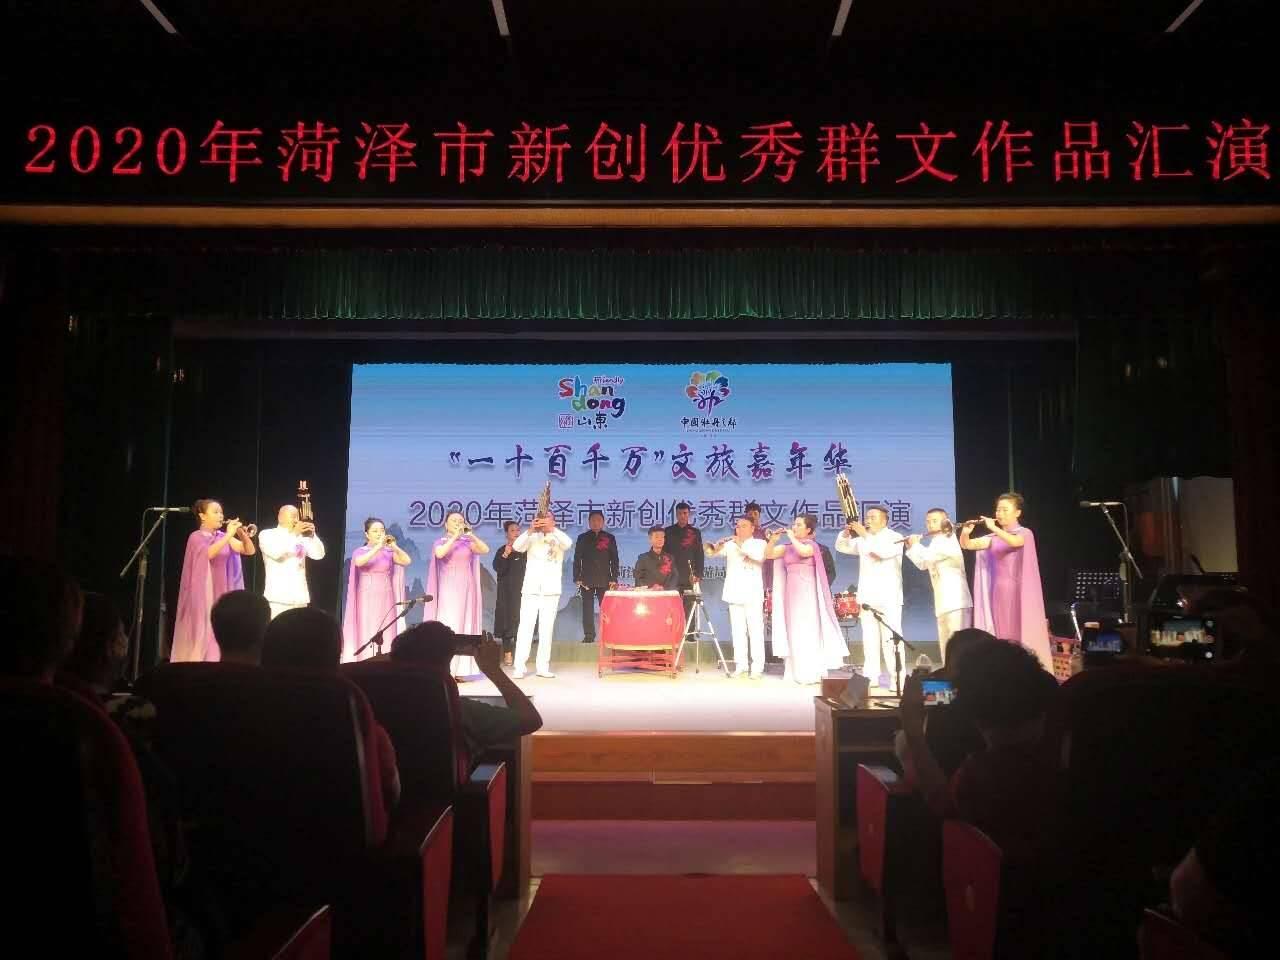 备战第十二届山东省文化艺术节 2020年菏泽举办新创群文优秀作品汇演